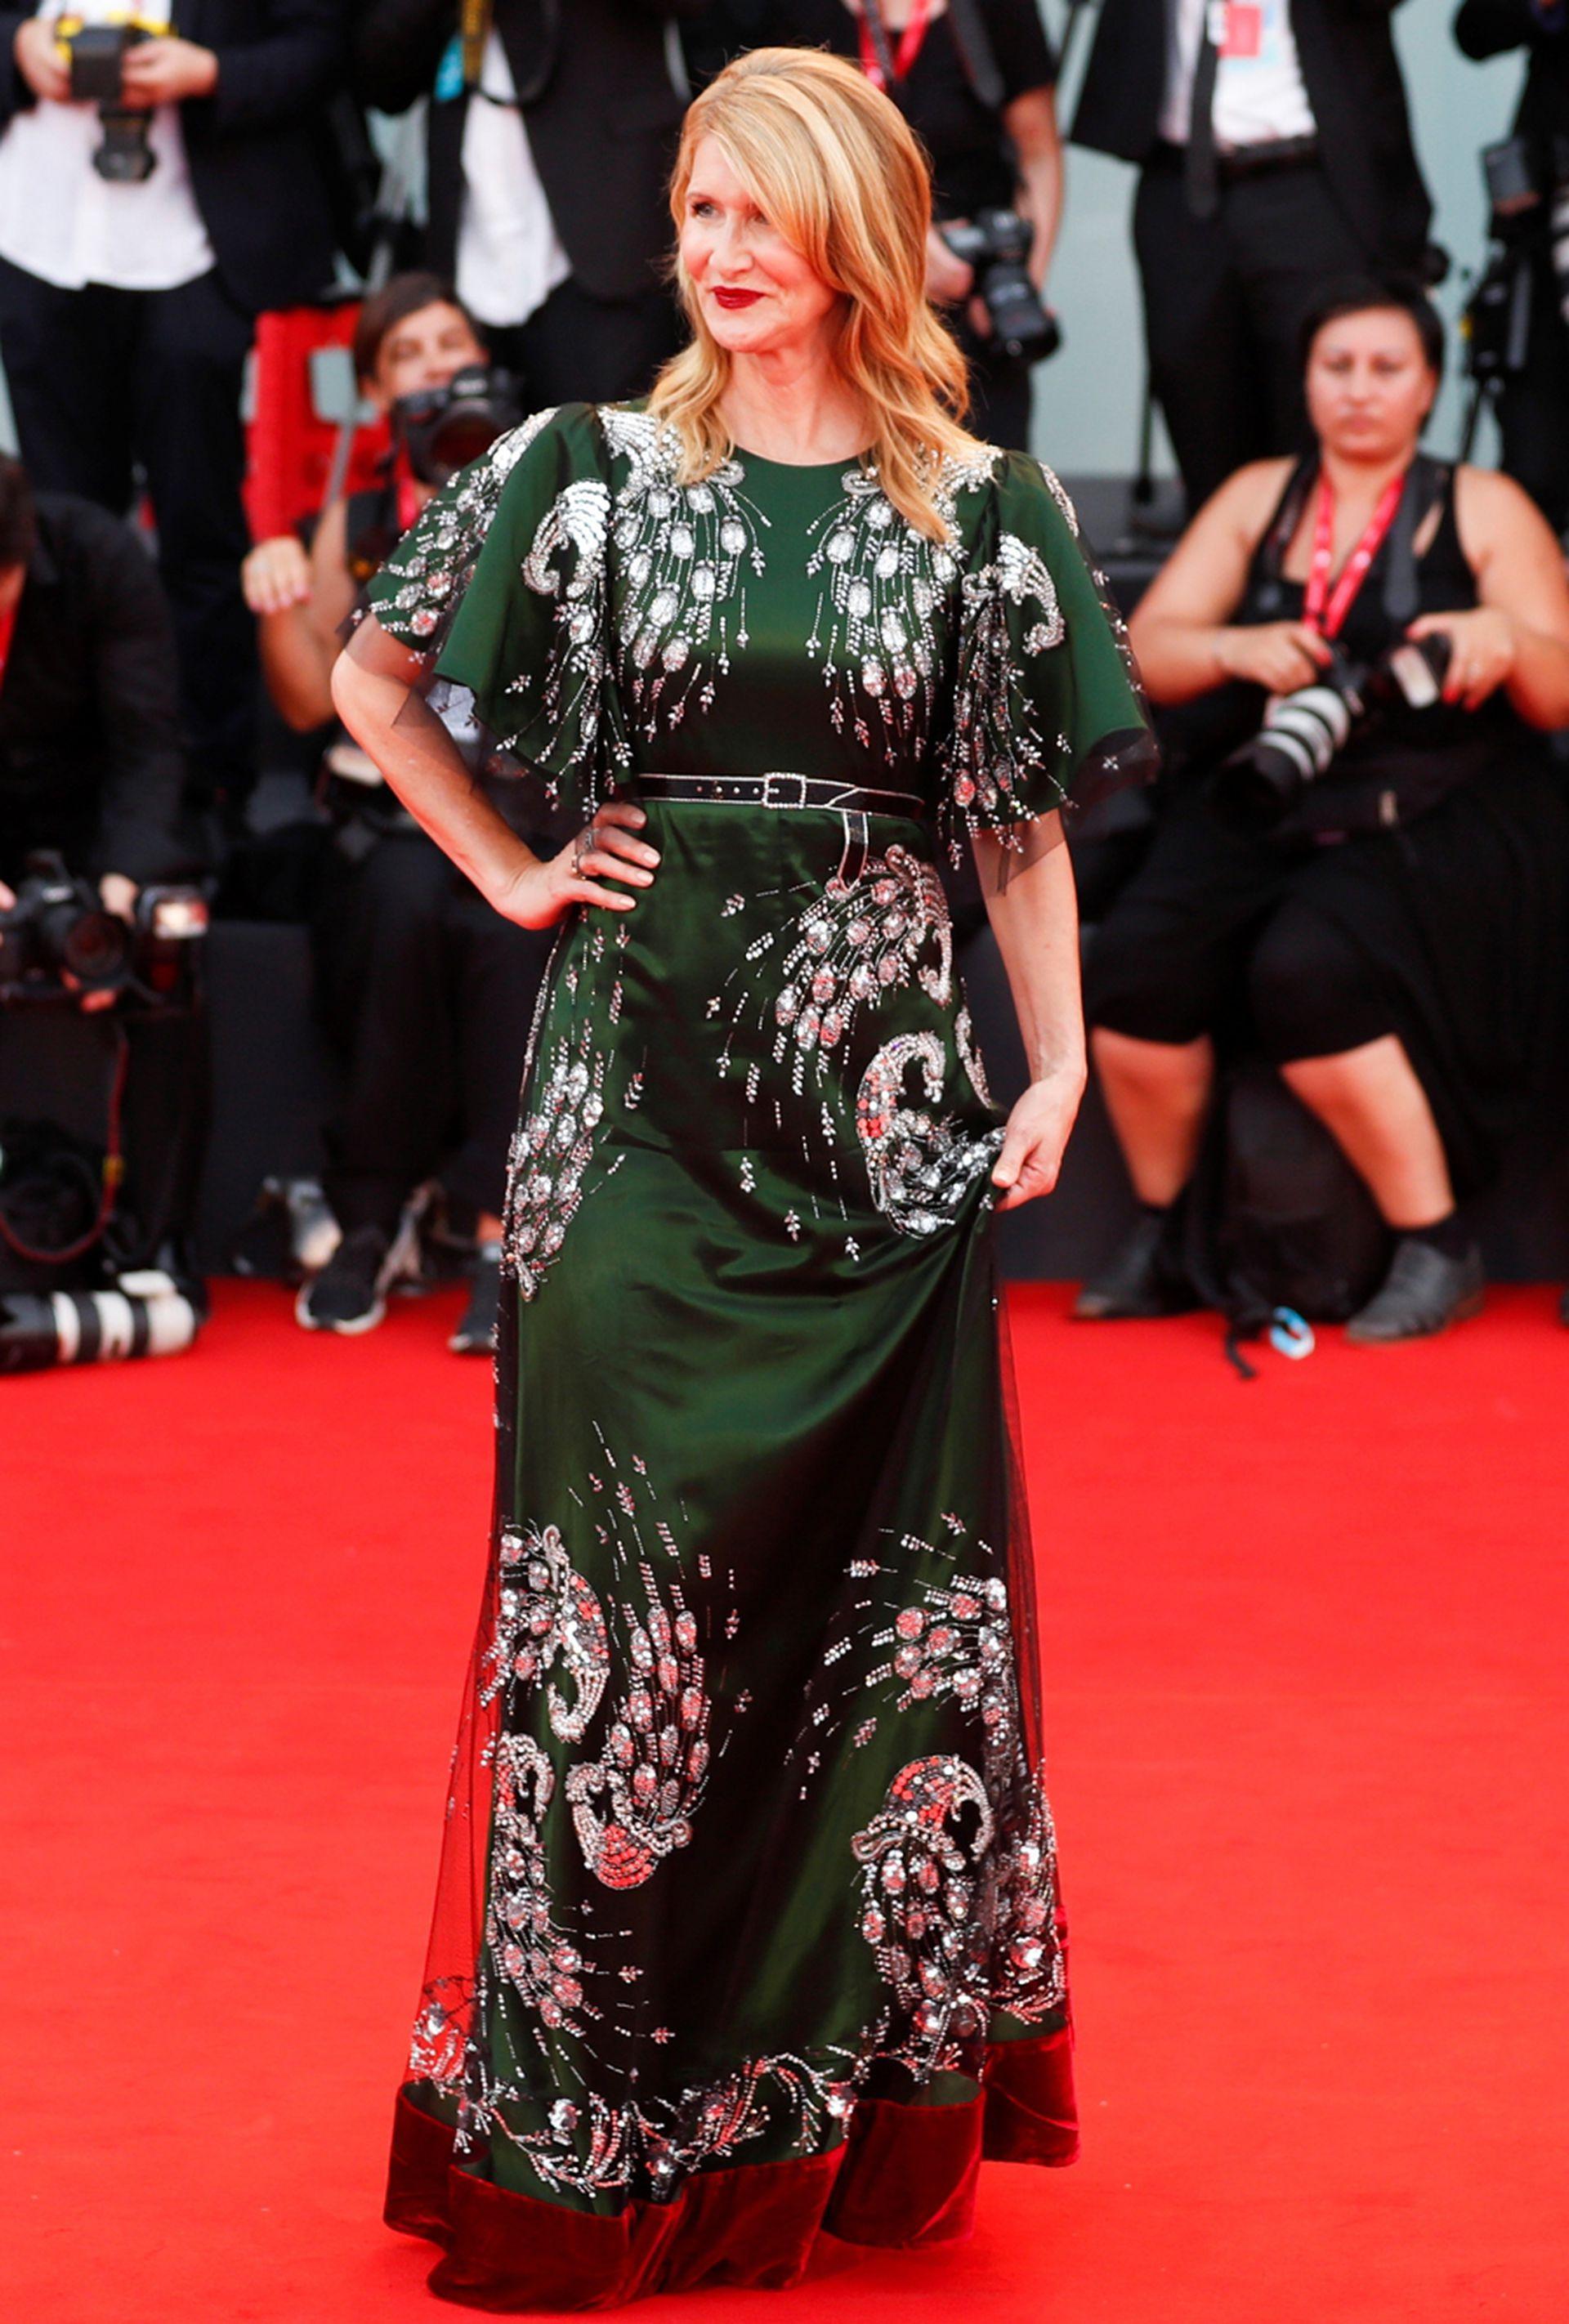 Para la red carpet, Dern llevó un diseño en verde con bordados, de la firma Gucci